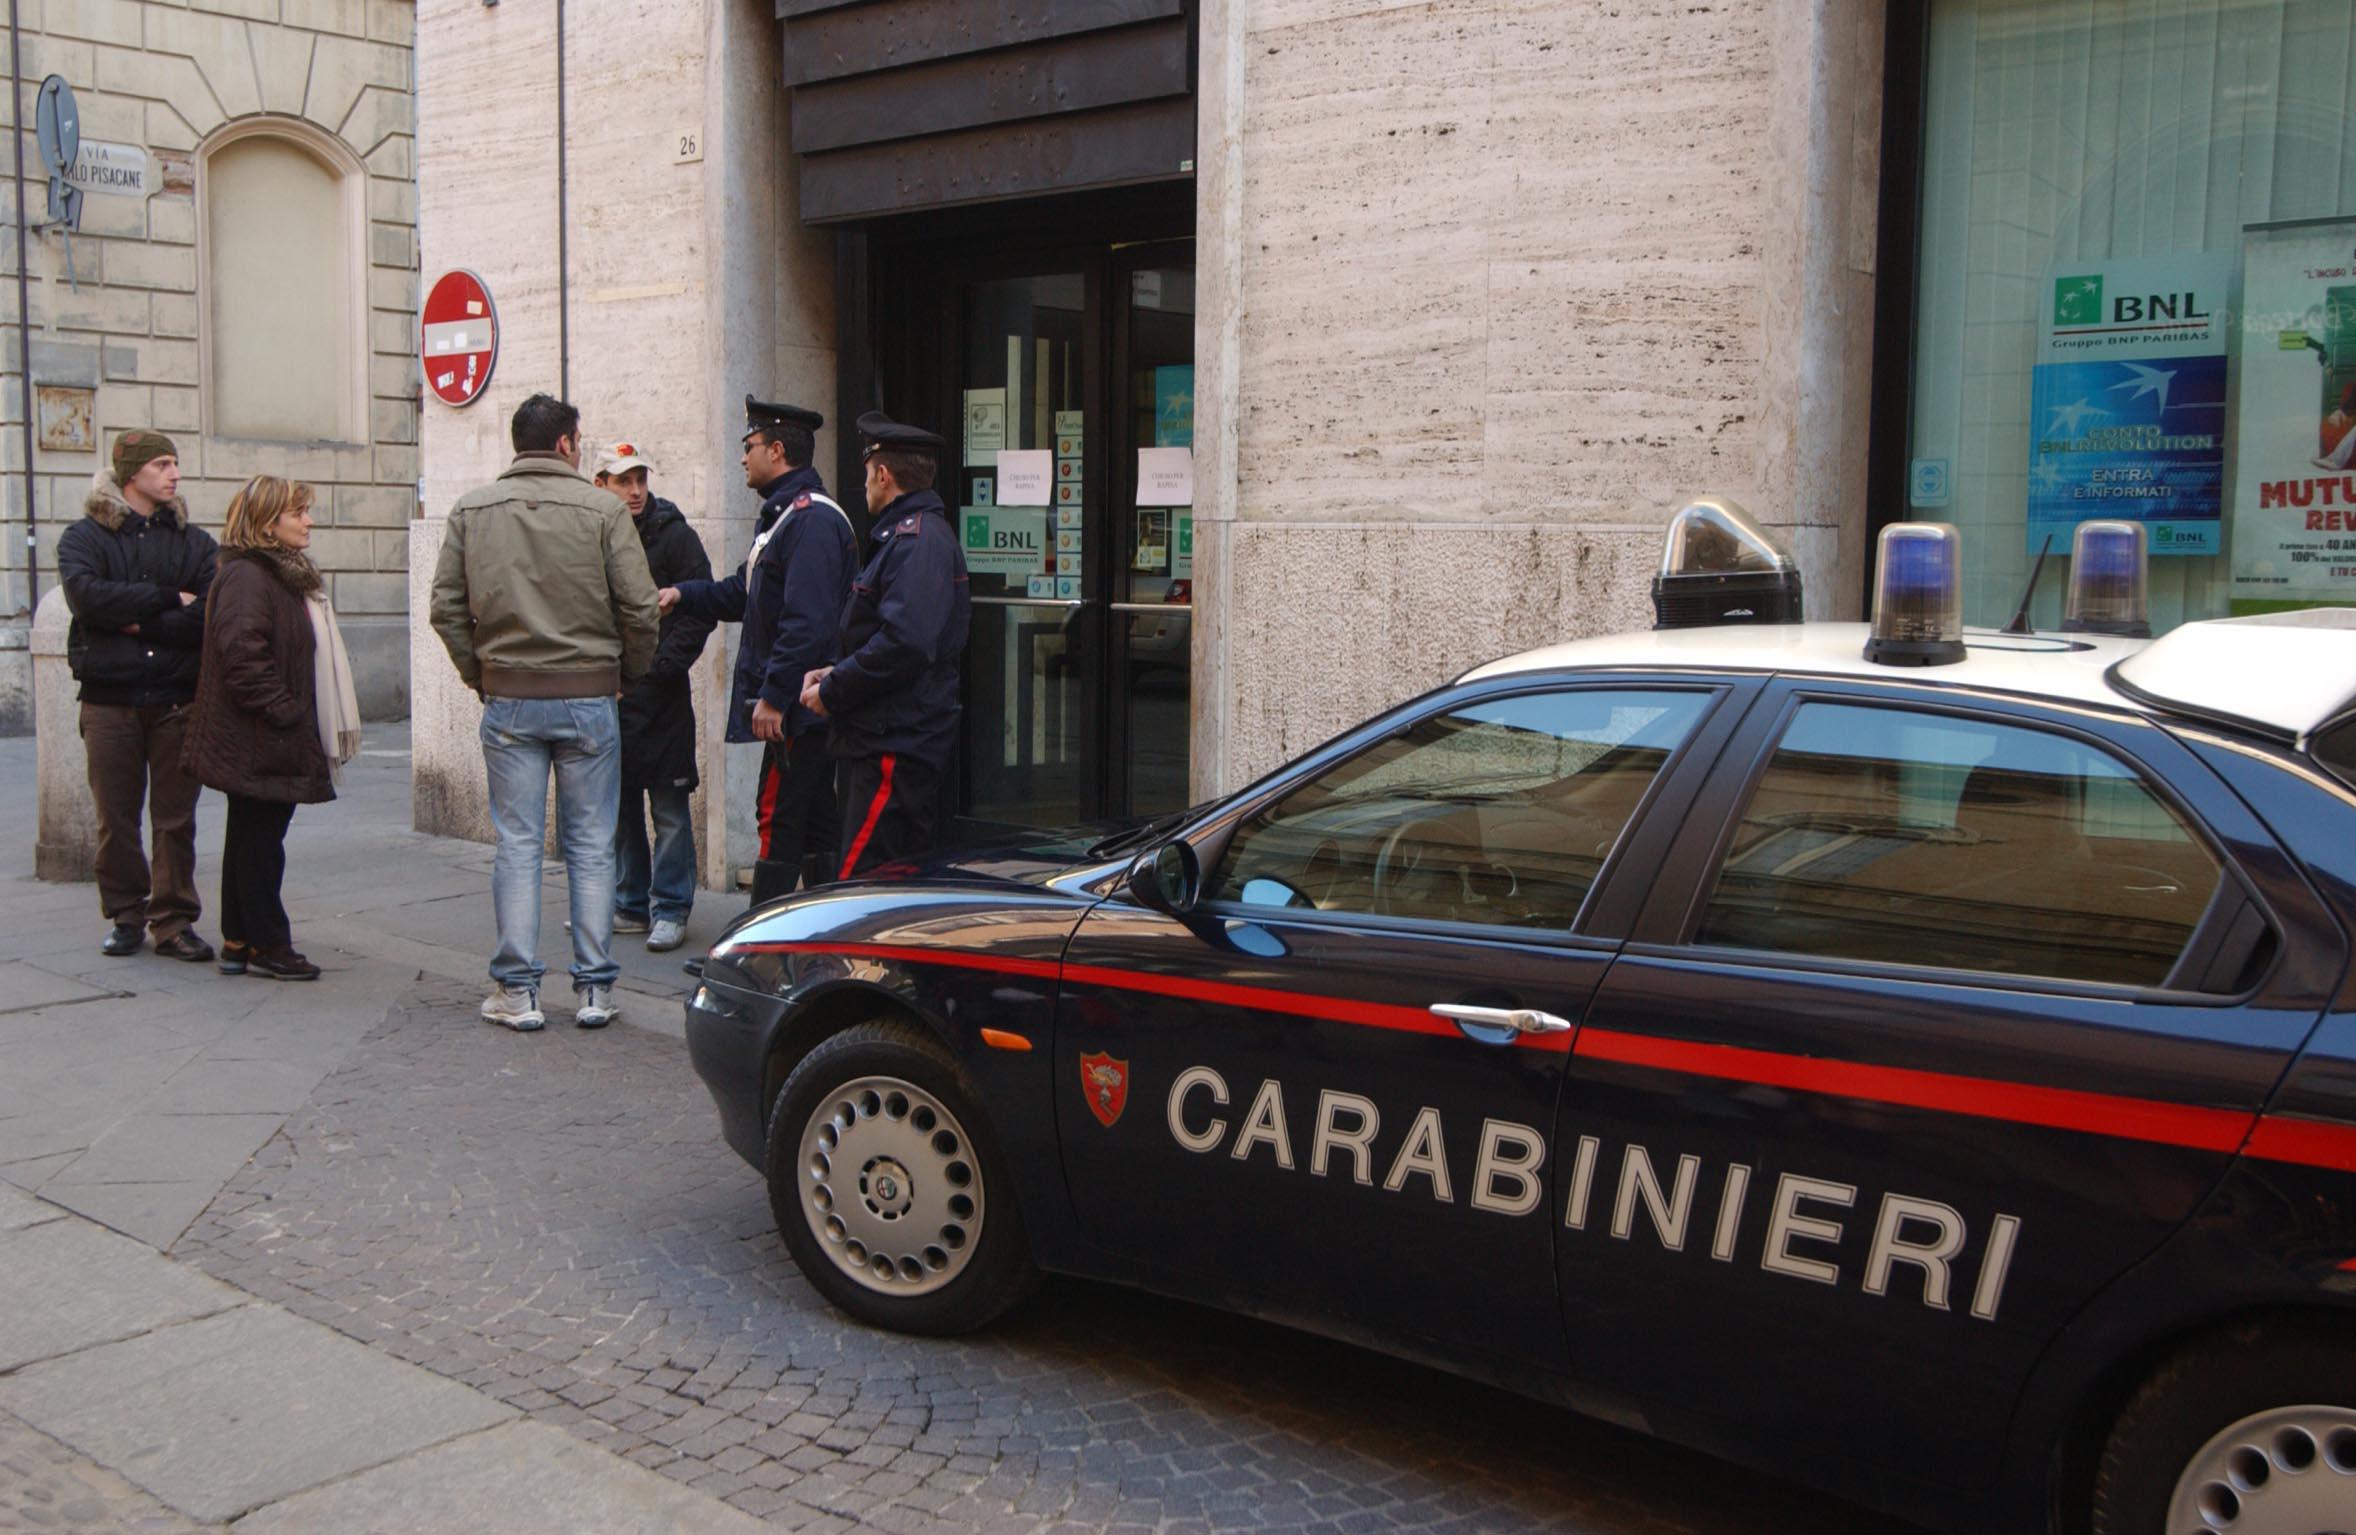 Rapina in banca a Forlì, bandito in fuga per le vie del centro